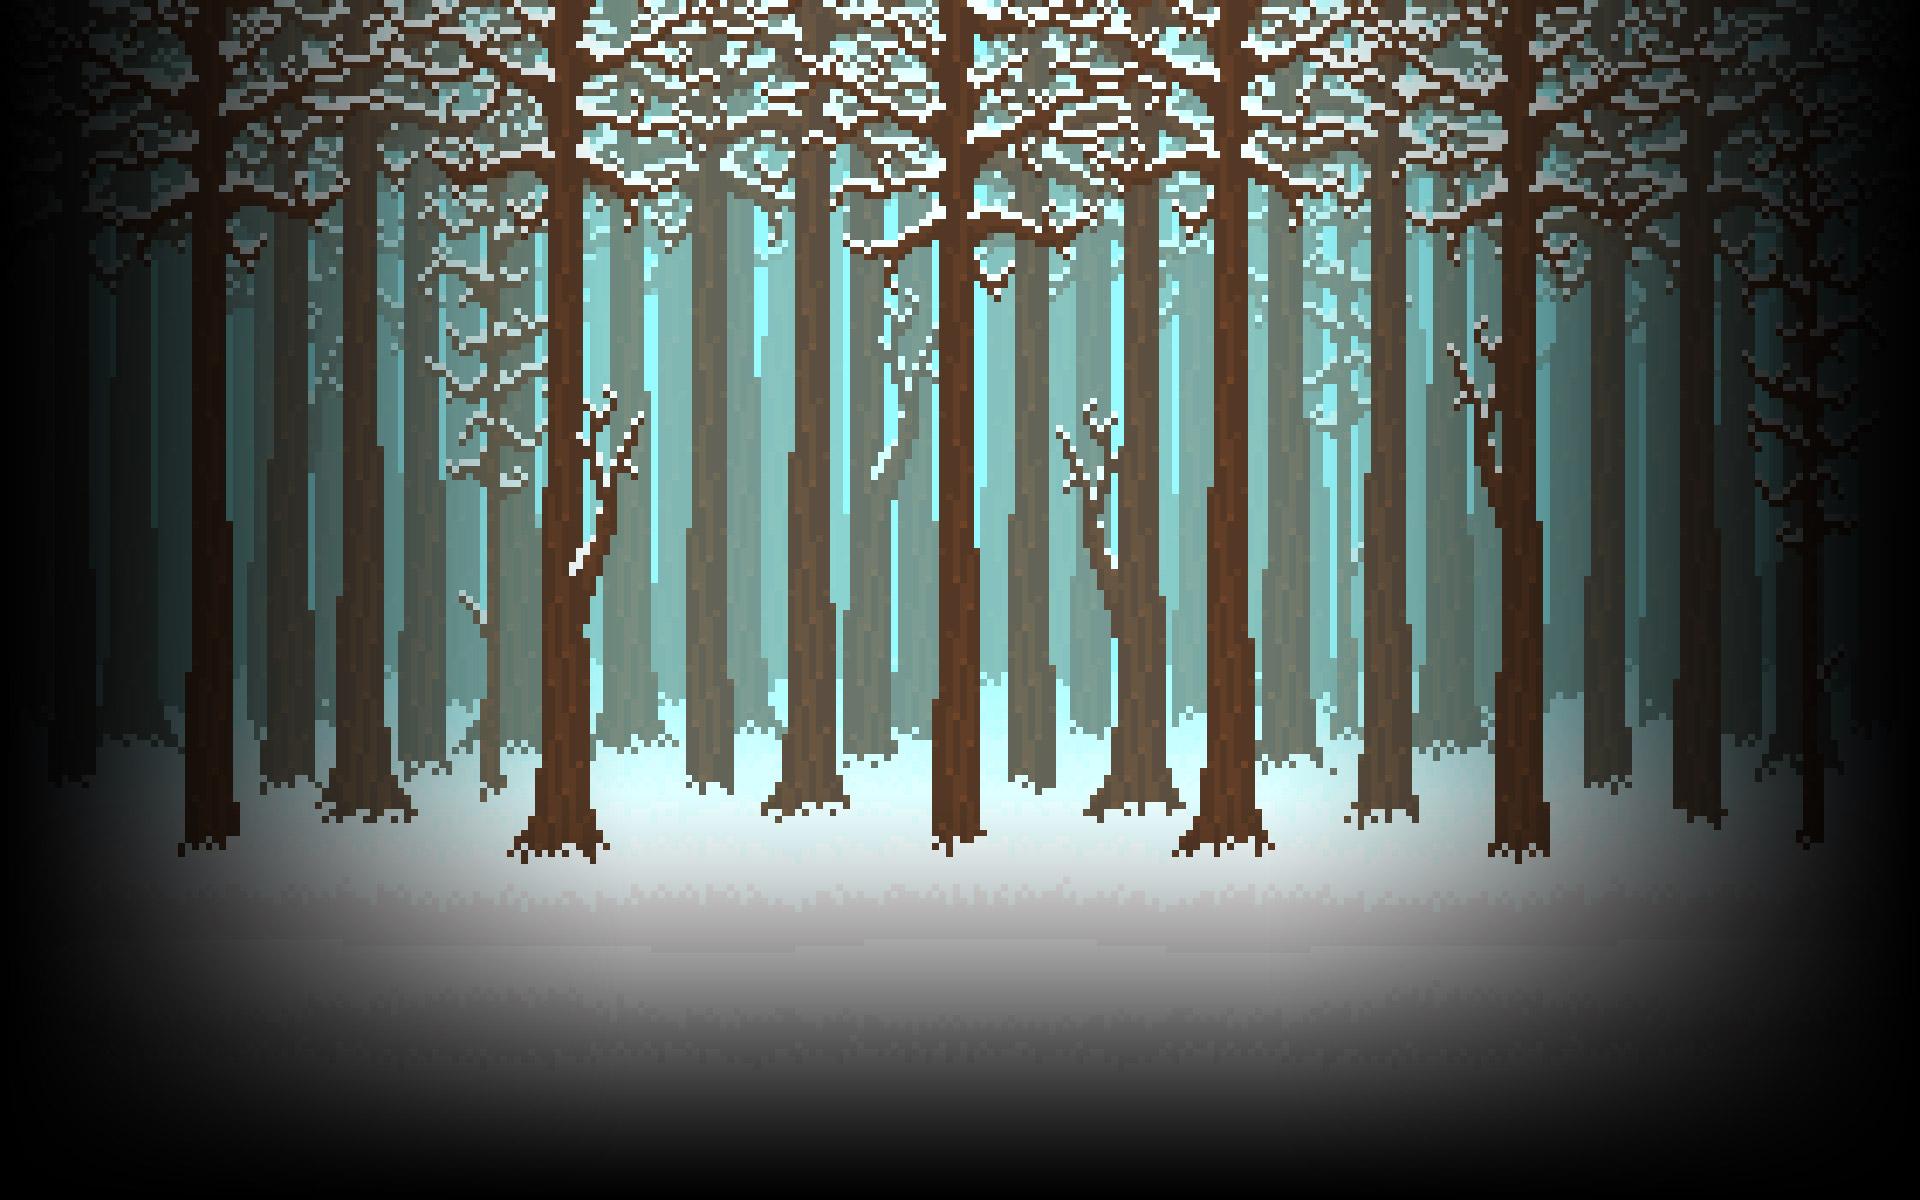 16 Bit Forest Home - _Good 16 Bit Forest Home -   HD_913133.net/ugc/100603690261265535/A78C2A1F4C32A62229751B1E92F6511628C7D610/